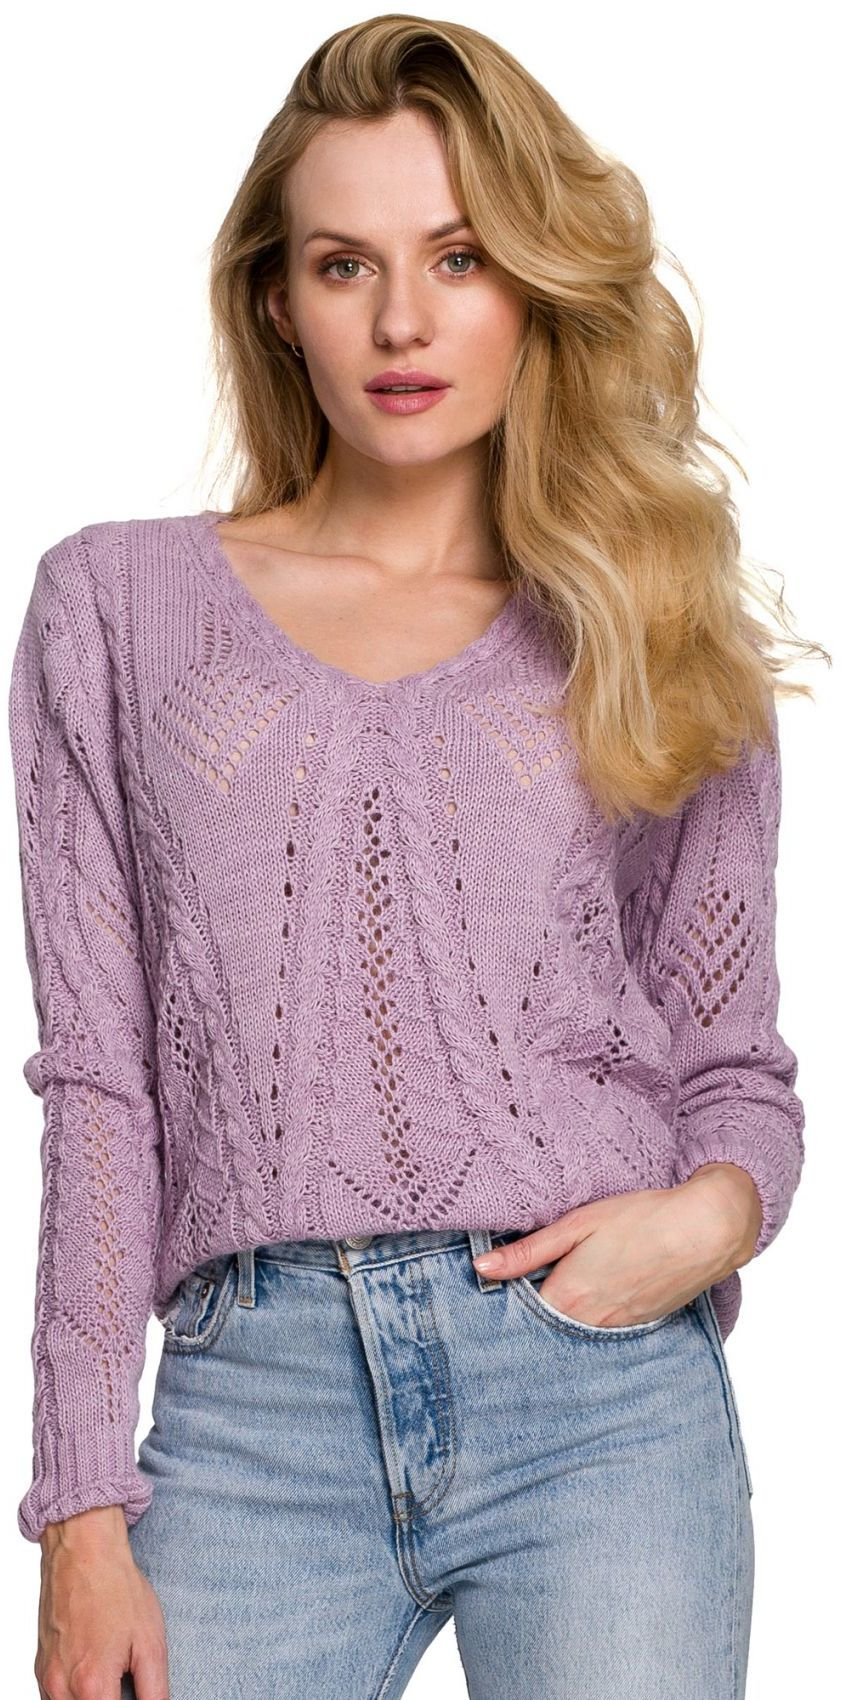 K106 Sweter krótki ażurowy - liliowy